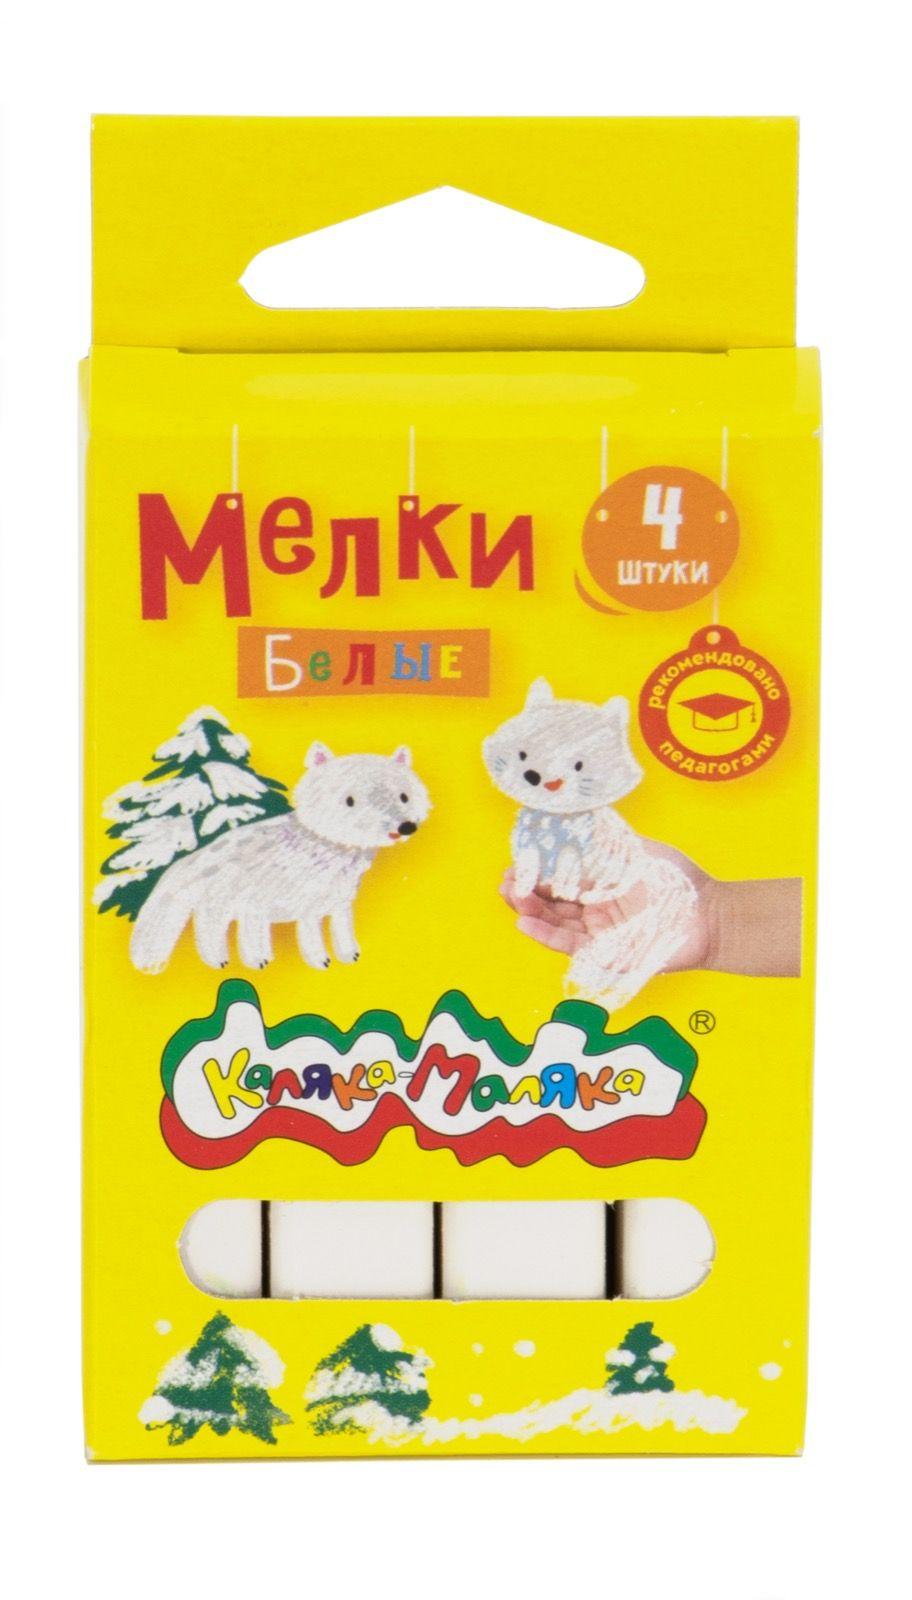 Мелки белые Каляка-Маляка 4 шт., картонная упаковка, европодвес